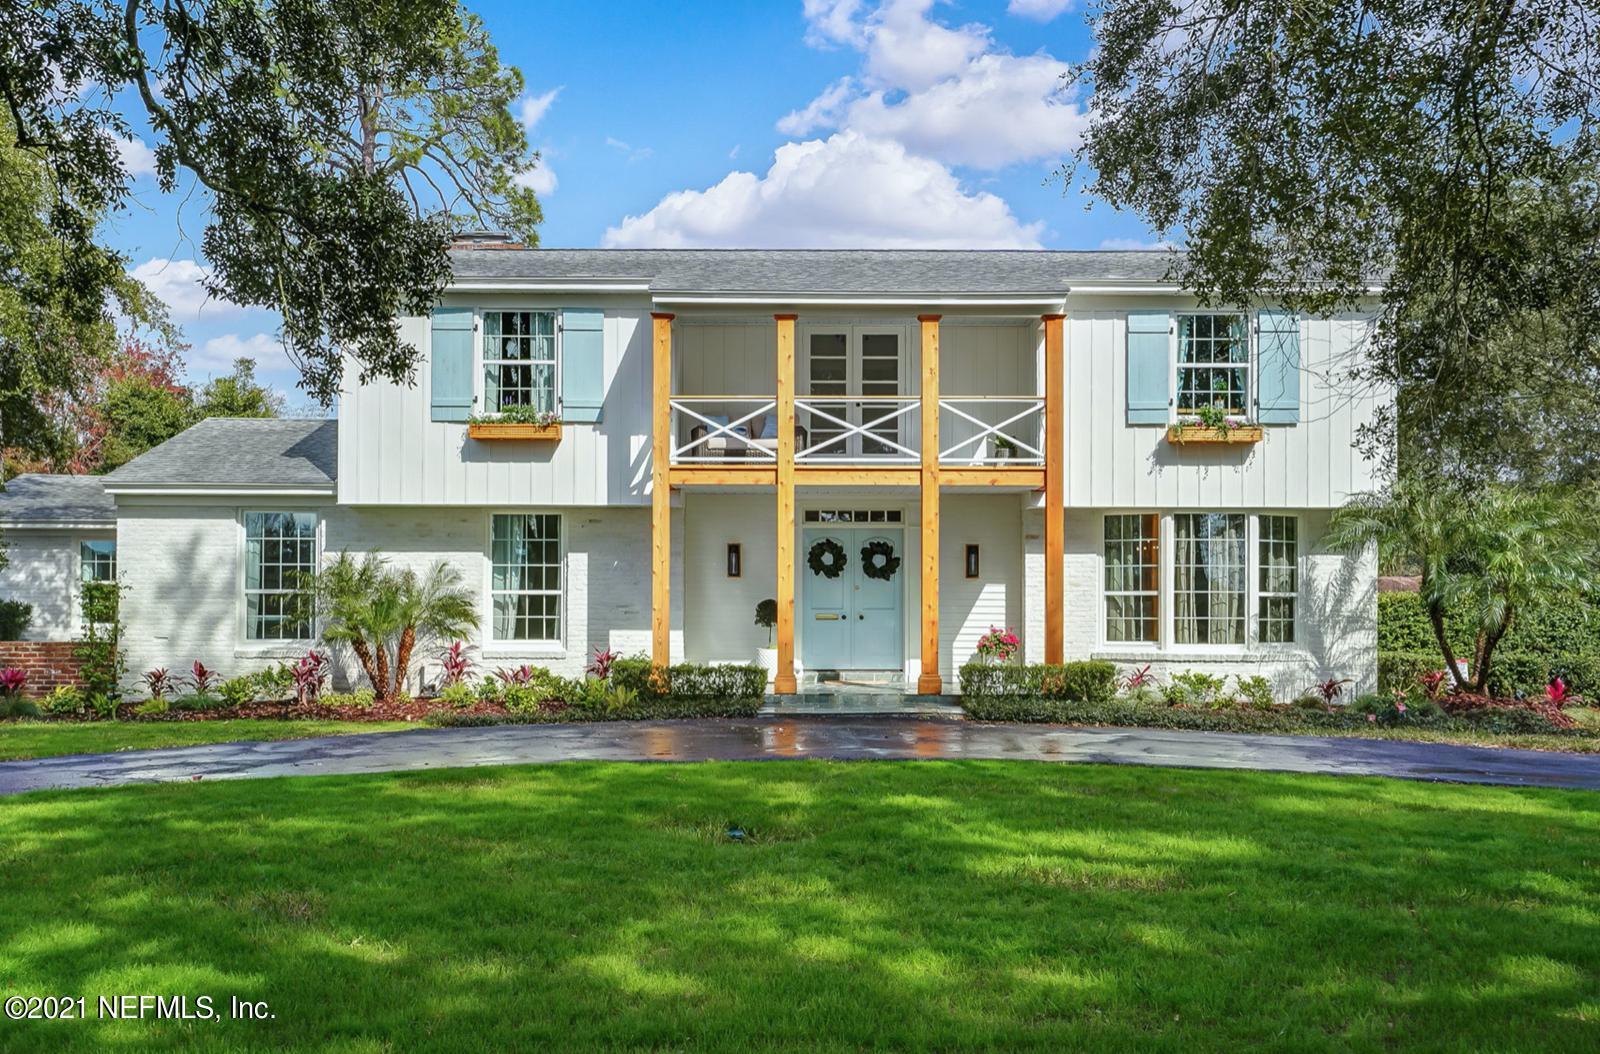 5017 ORTEGA FOREST, JACKSONVILLE, FLORIDA 32210, 4 Bedrooms Bedrooms, ,3 BathroomsBathrooms,Rental,For Rent,ORTEGA FOREST,1100398